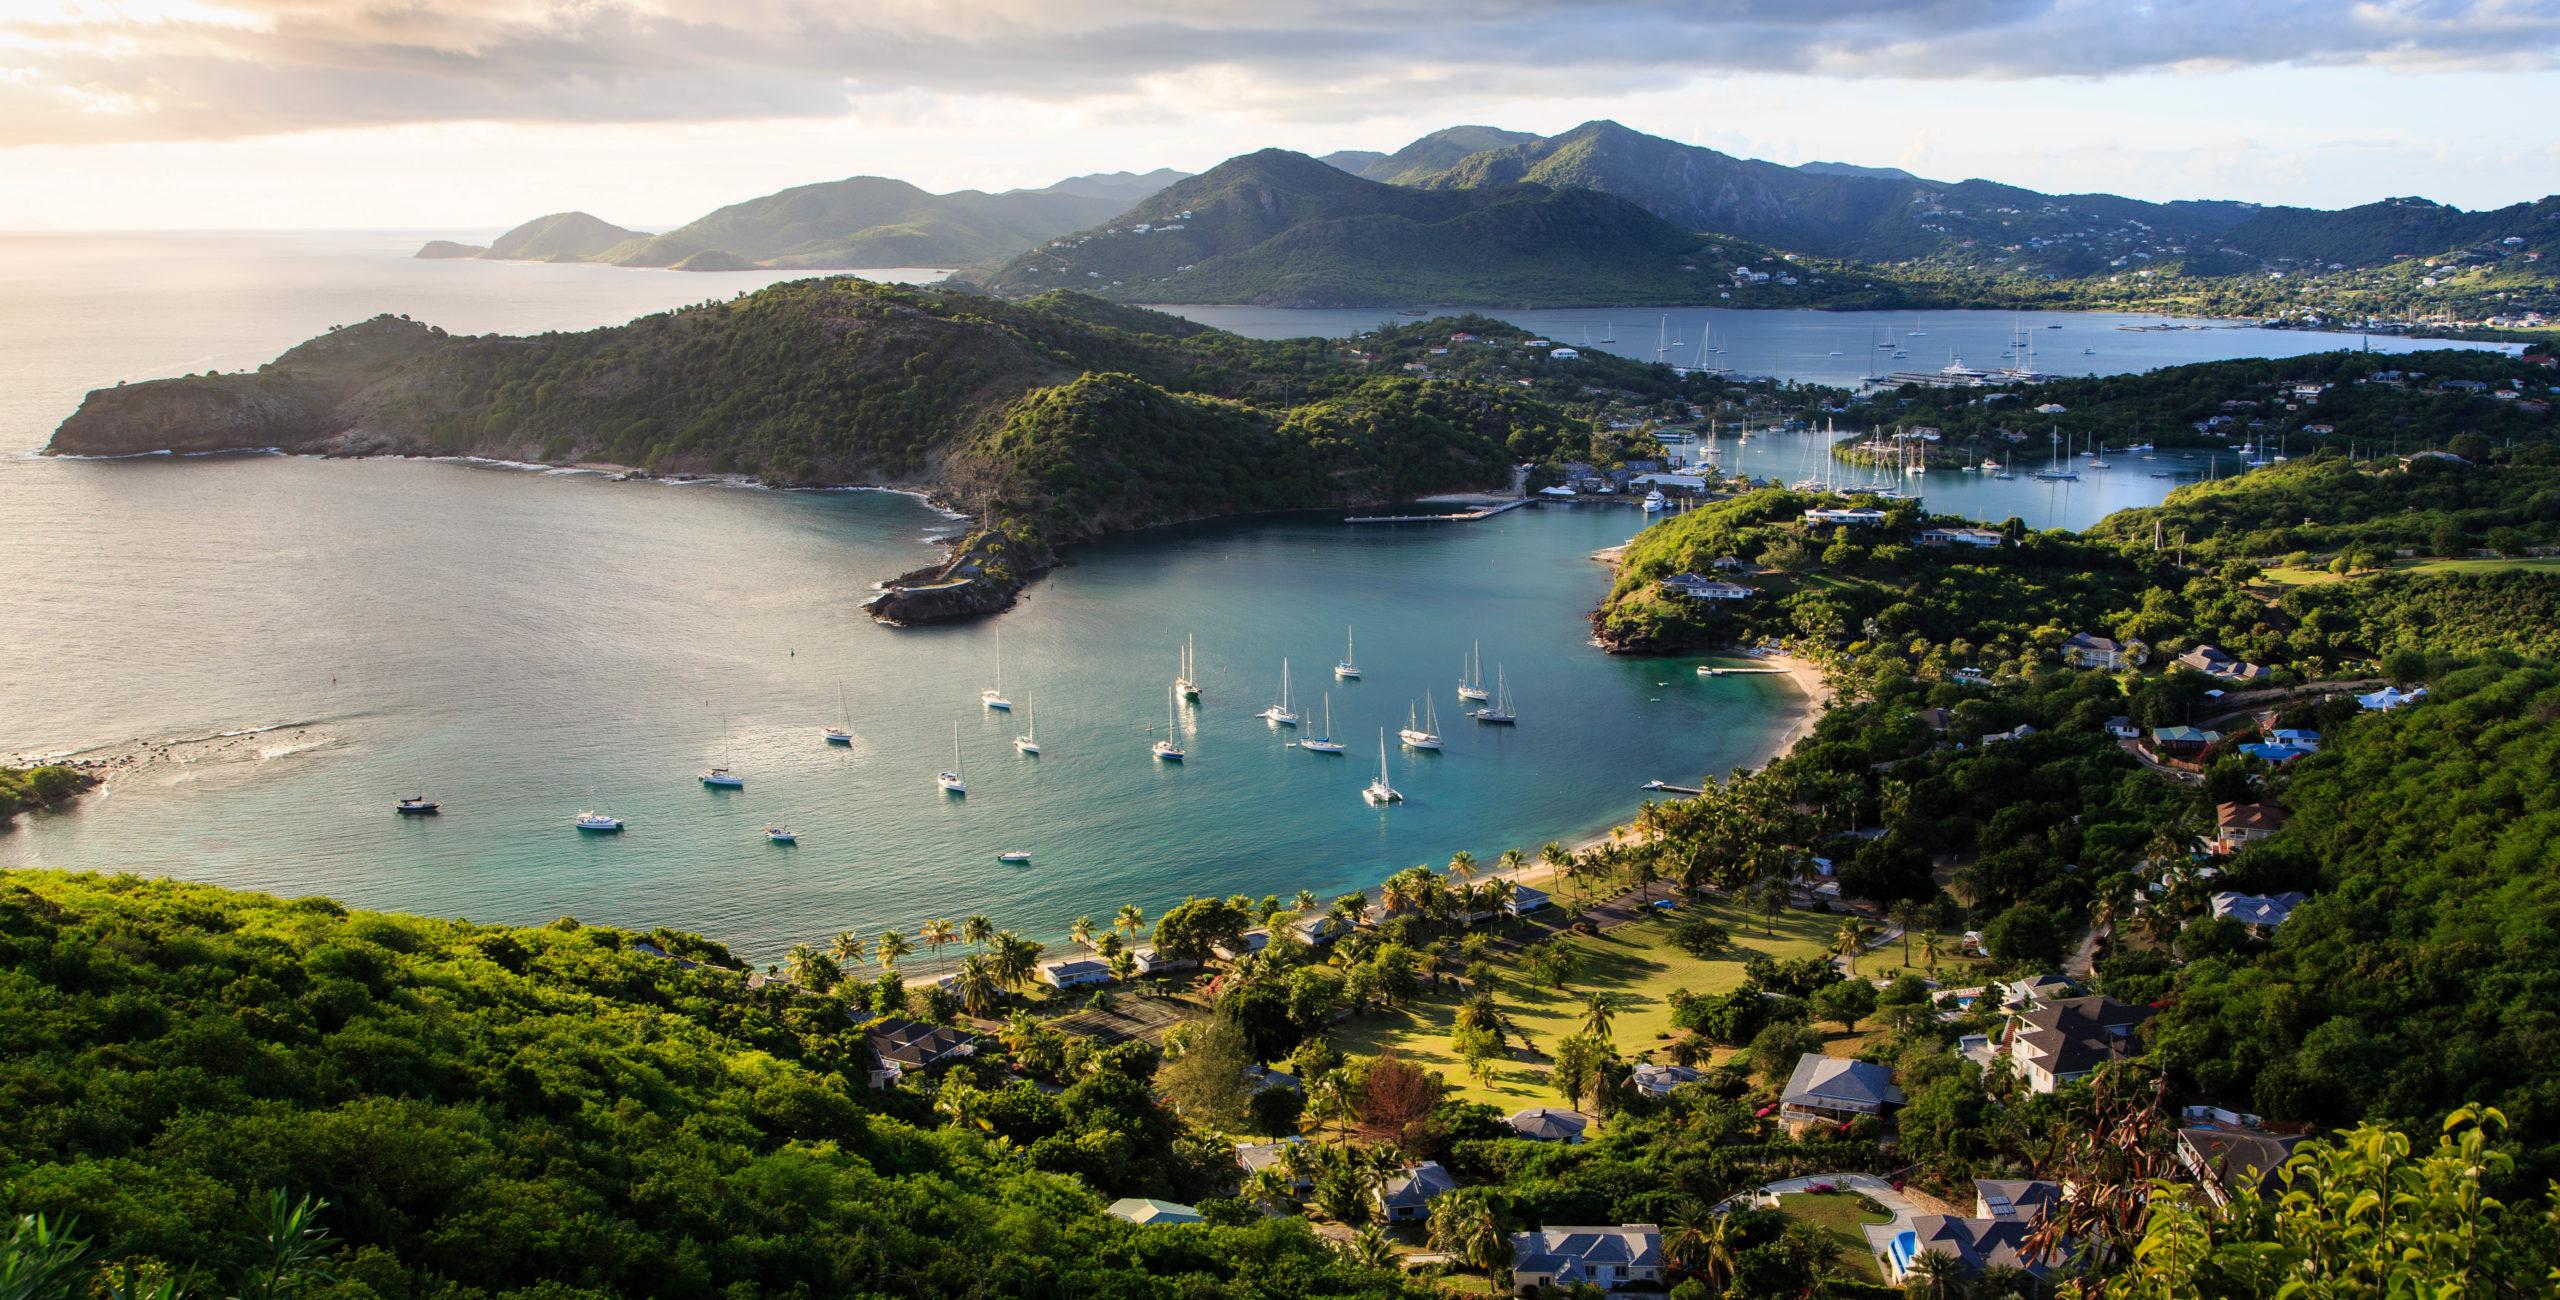 Antigua and Barbuda [Shutterstock]